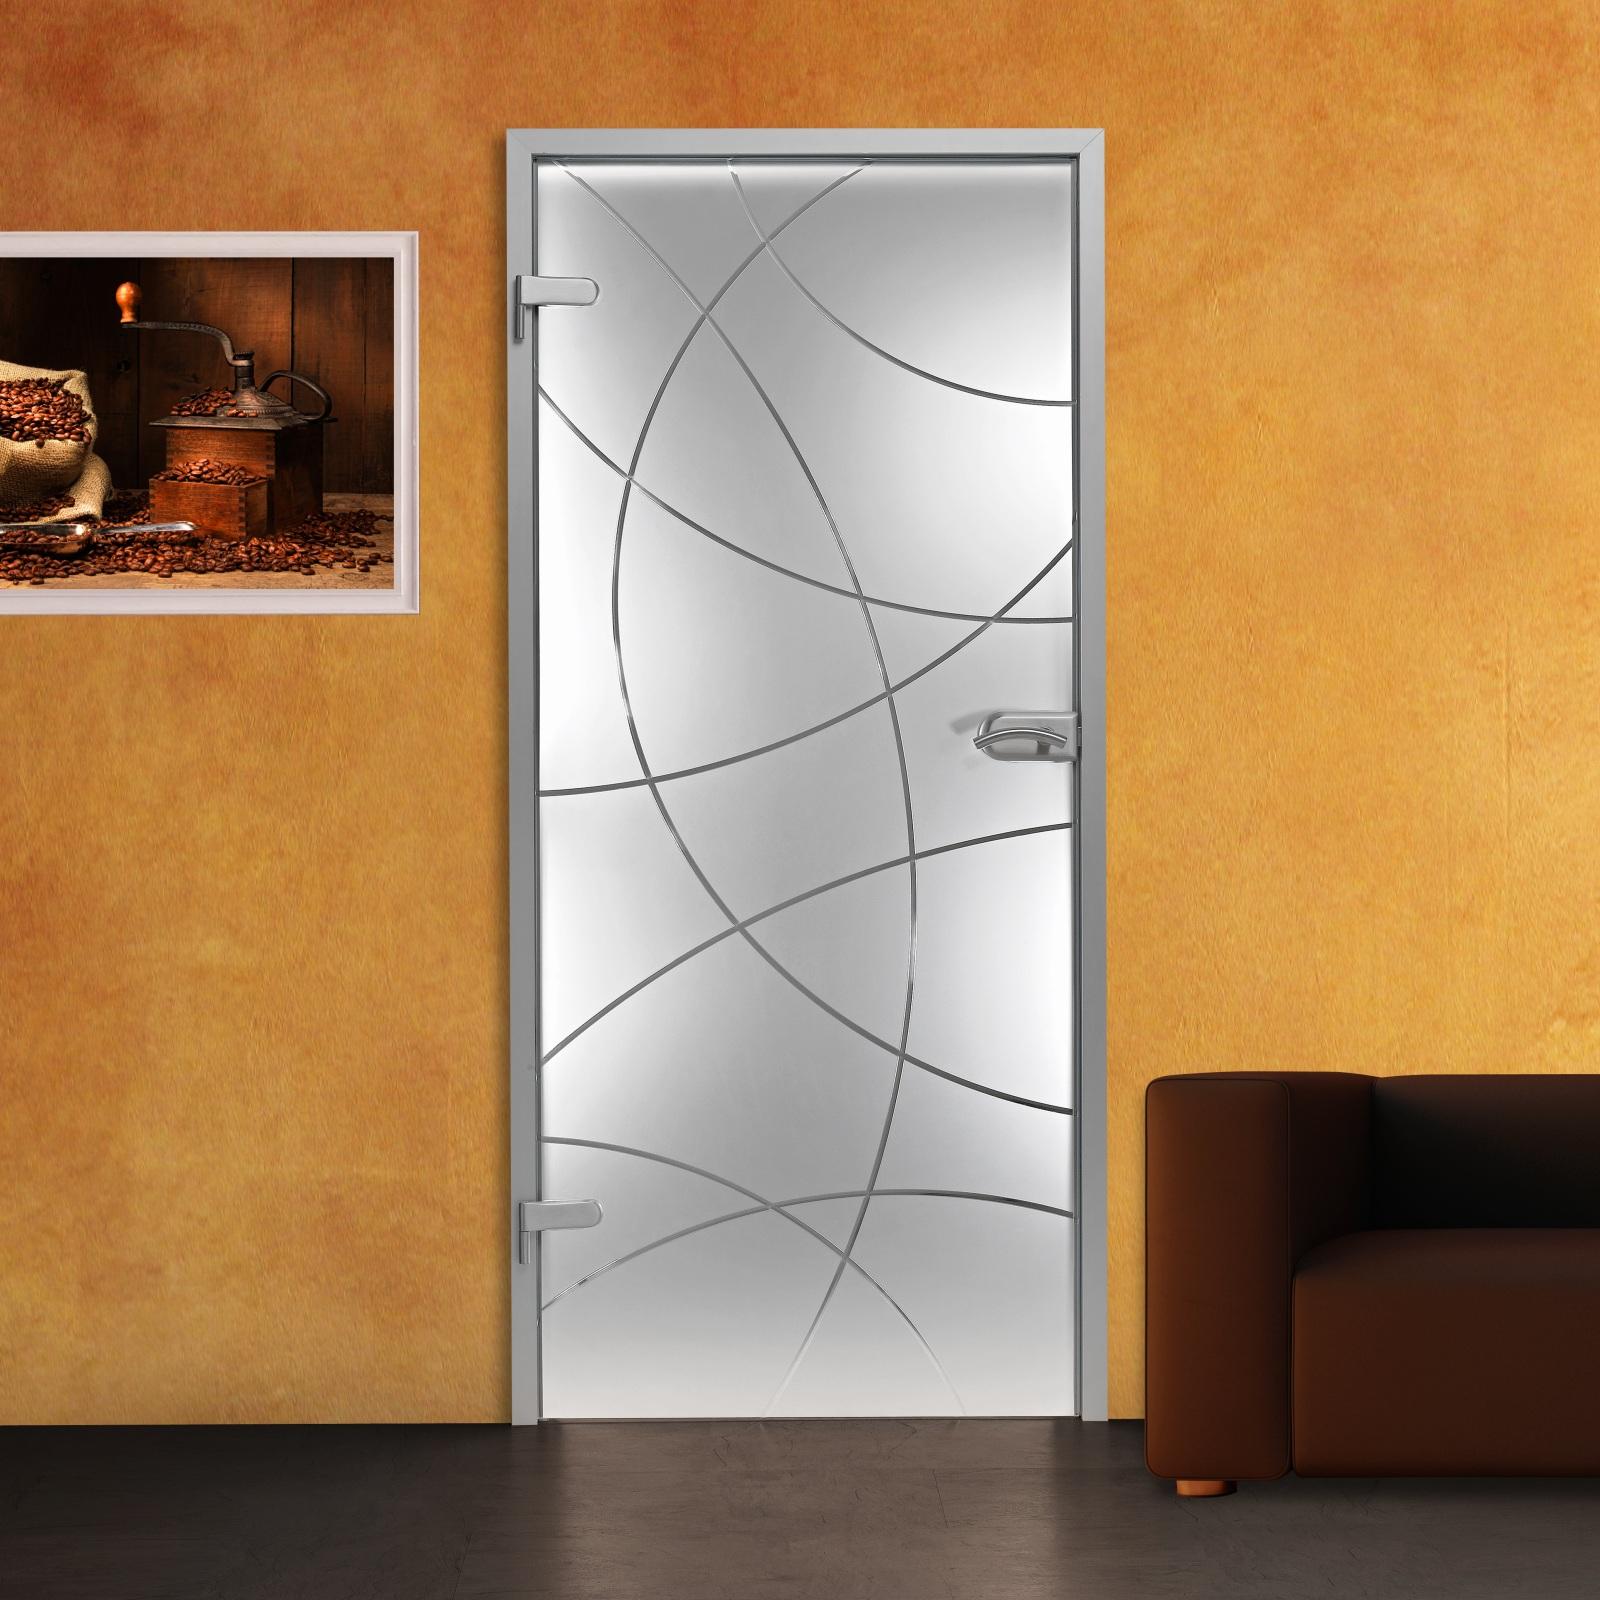 ganzglast r glast r t r innent r ganzglast ren t ren zimmert ren gr887s ebay. Black Bedroom Furniture Sets. Home Design Ideas